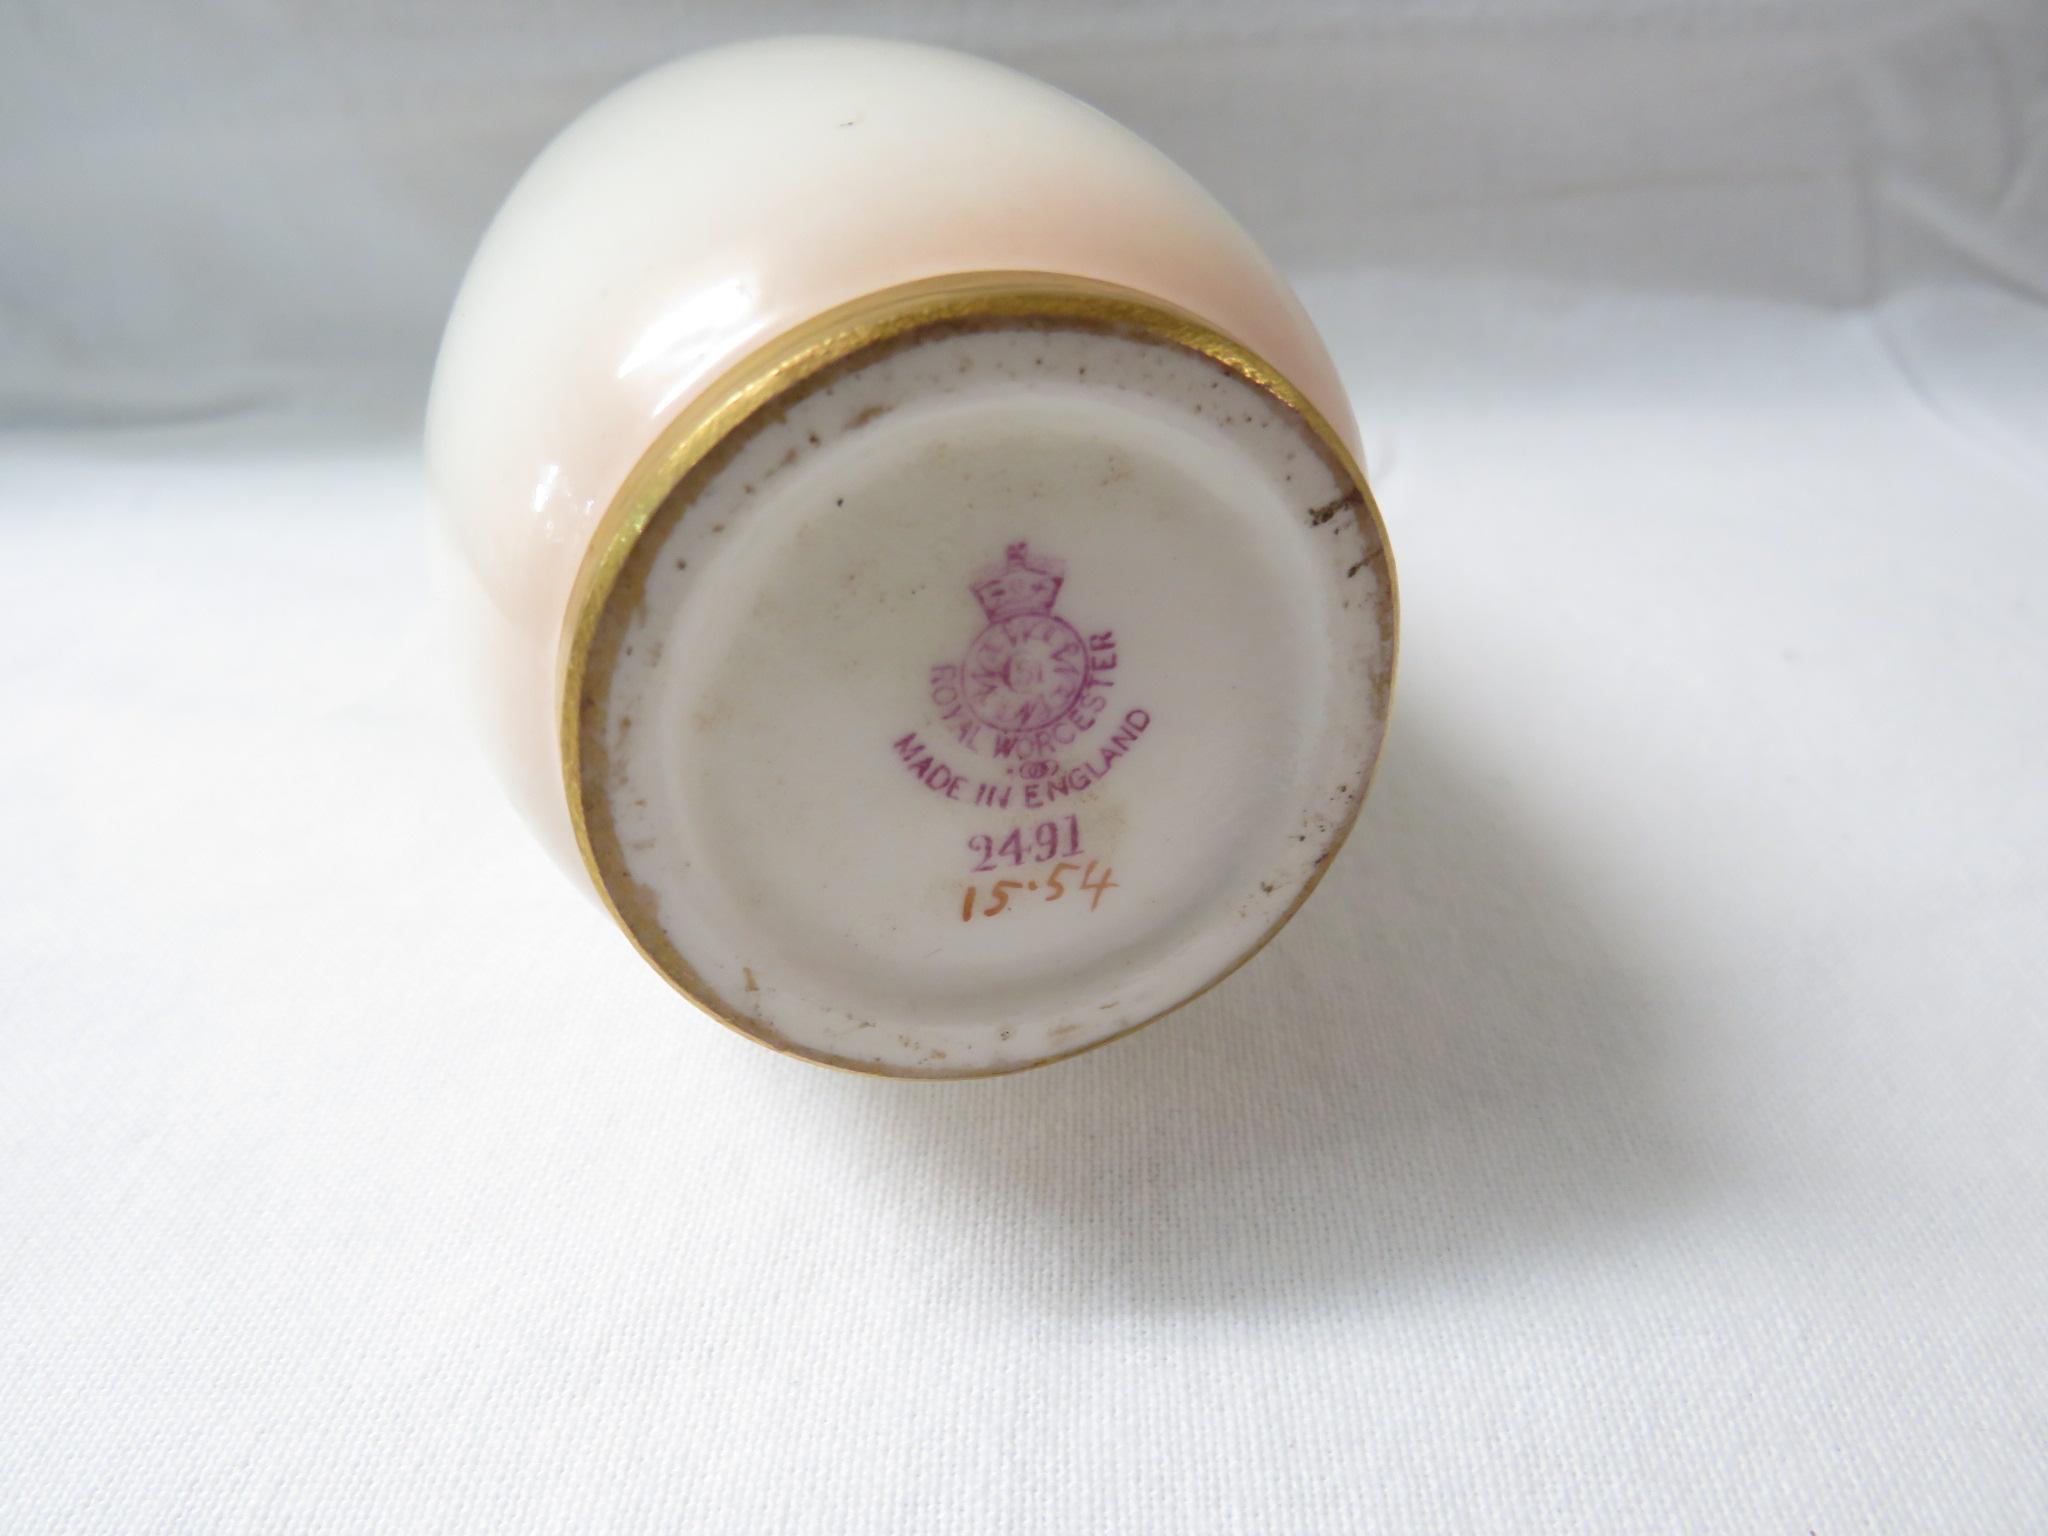 Lot 17 - Royal Worcester porcelain vase, slender ovoid form, hand painted decoration of pink roses, signed